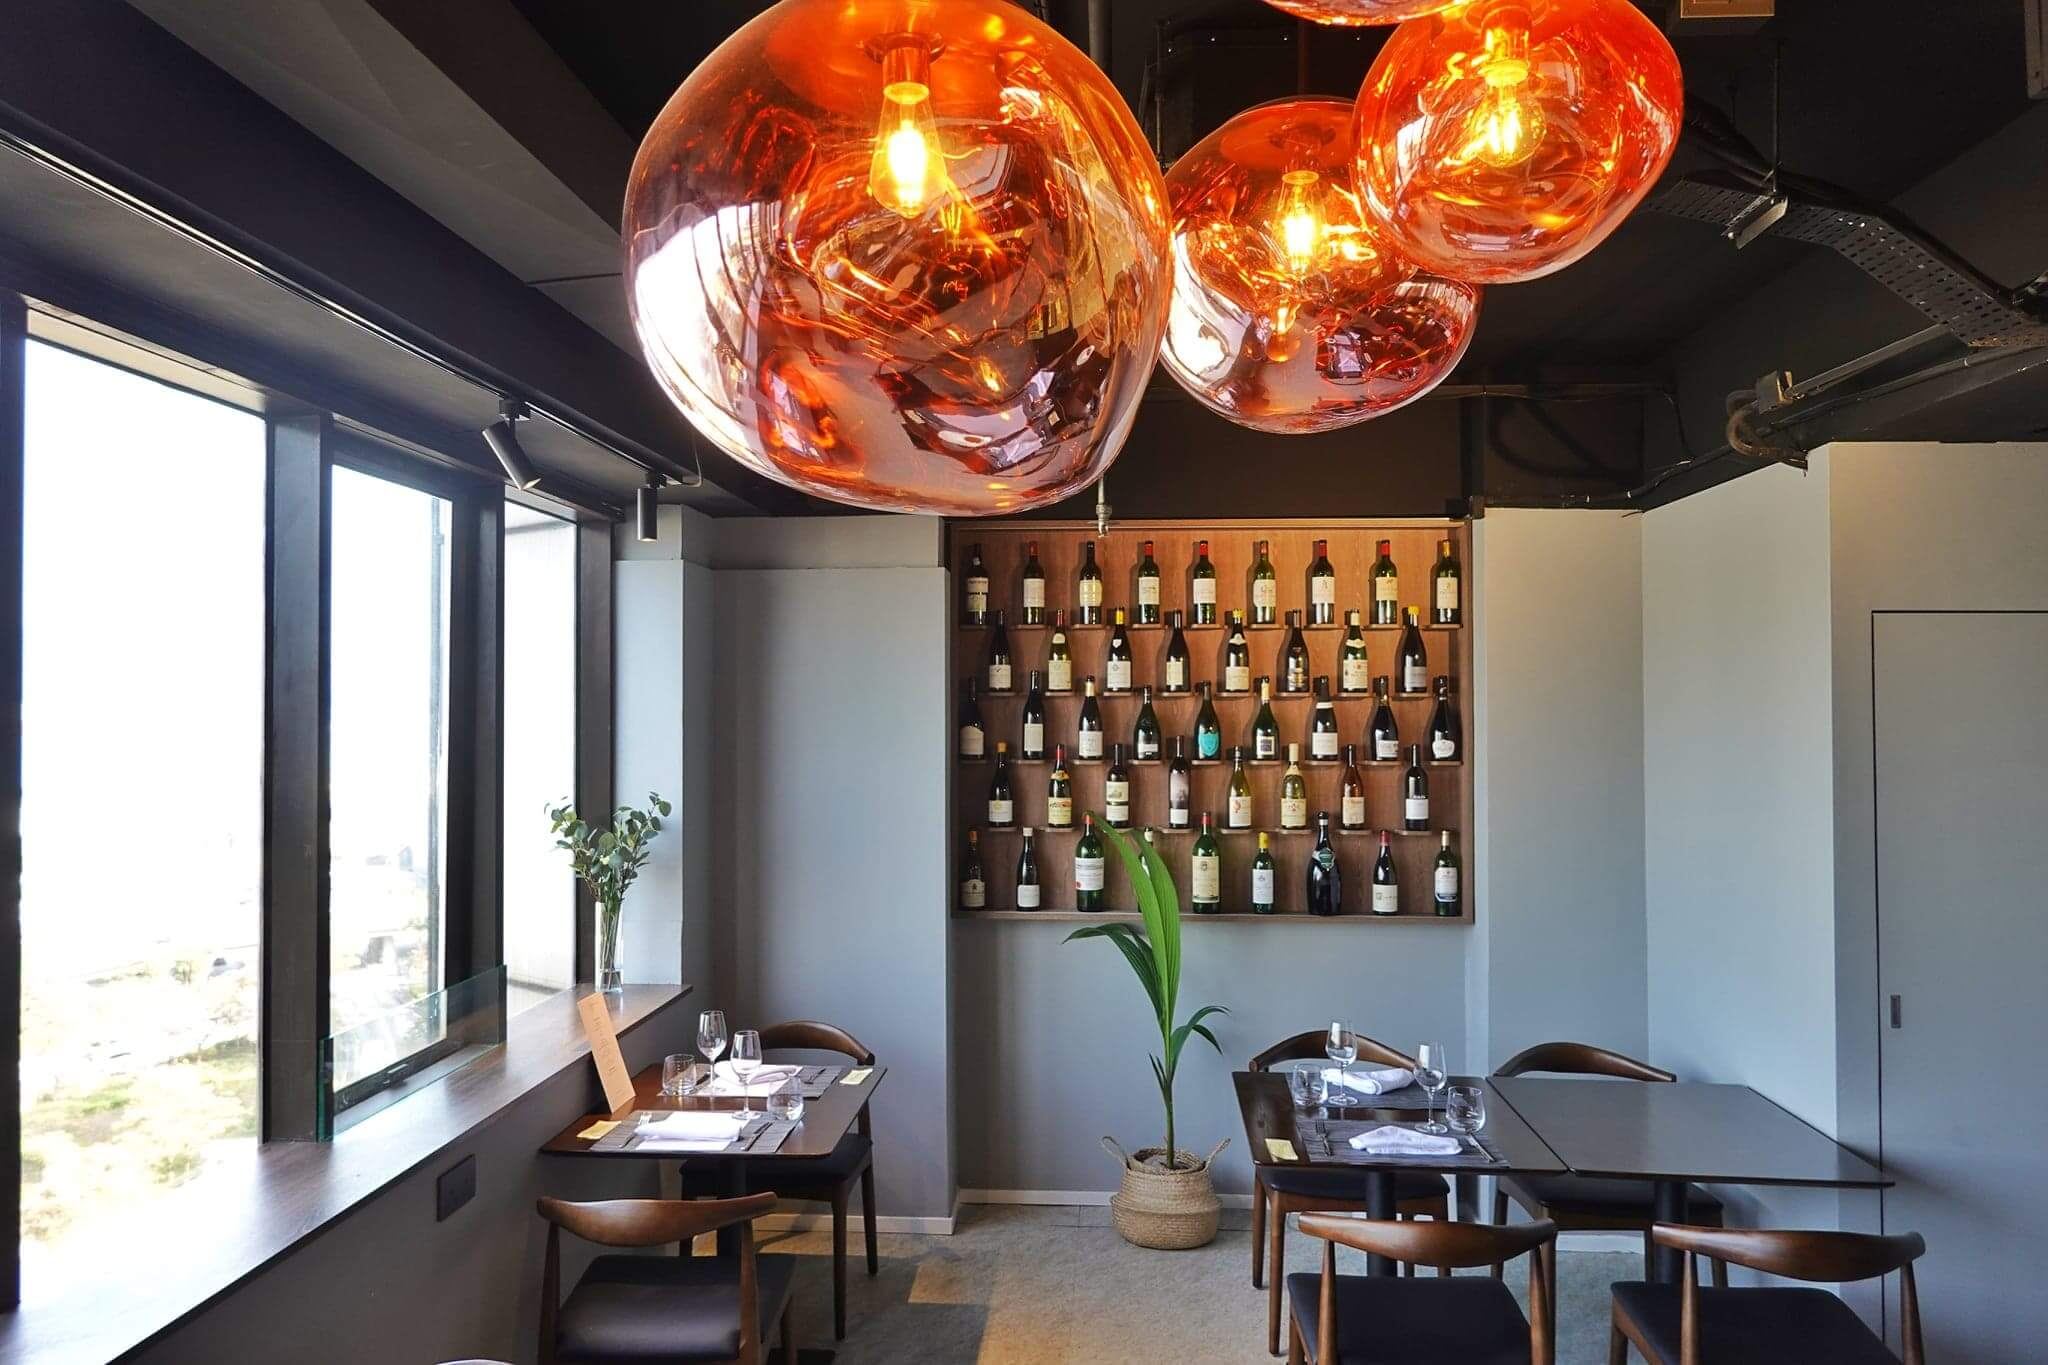 銅鑼灣全新法國菜館terroir,可以邊賞維港靚景,邊嘗美食。